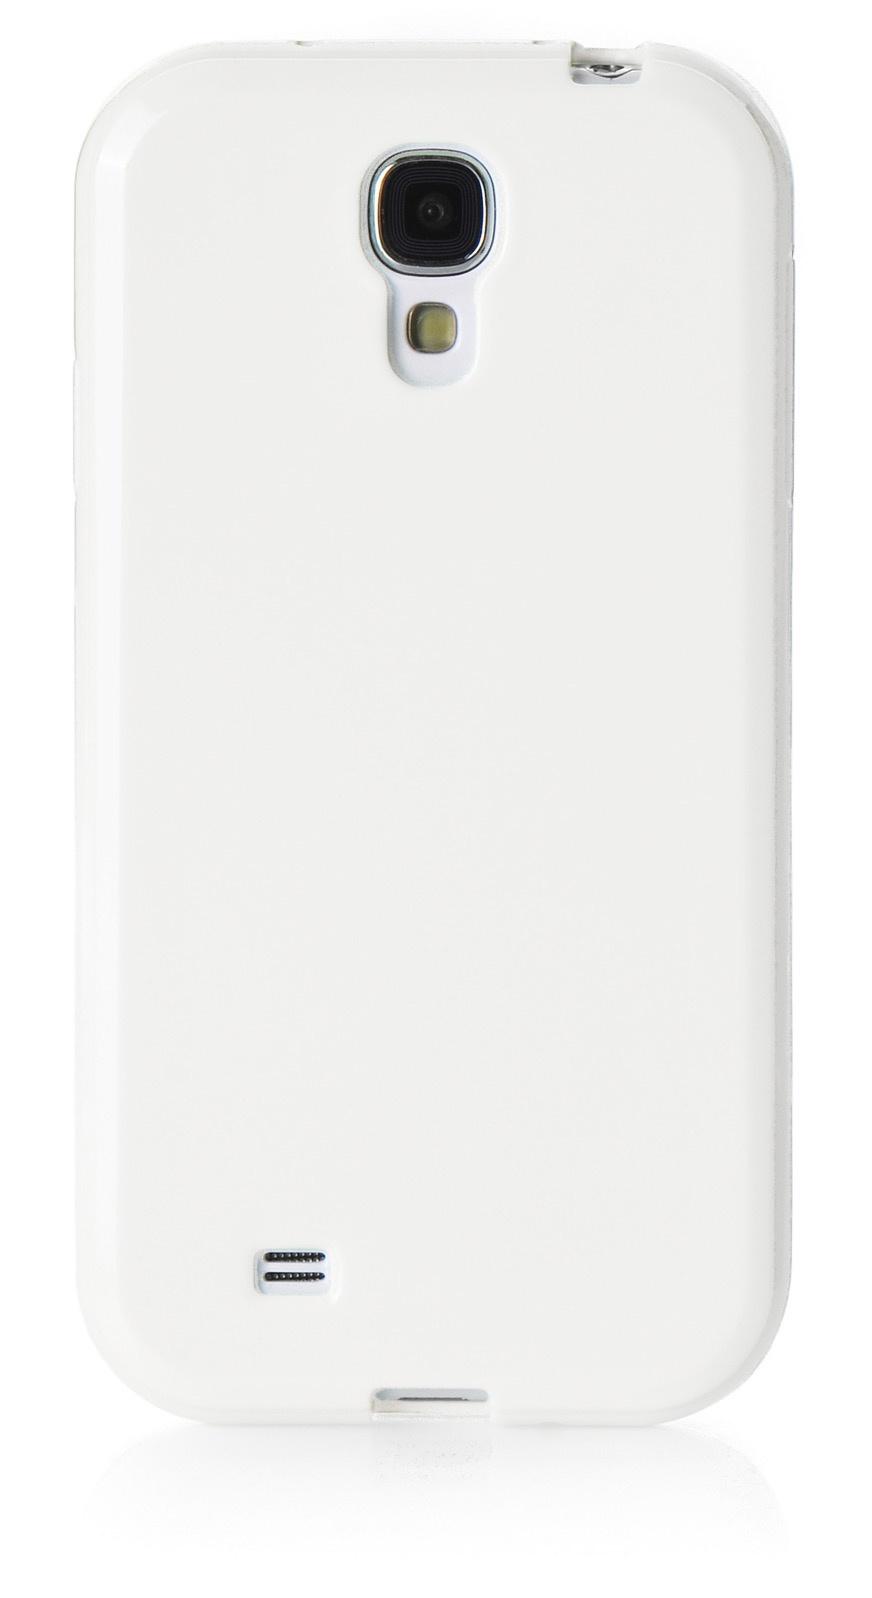 Чехол для сотового телефона iNeez накладка силикон мыльница 480073 для Samsung Galaxy S4 mini, белый